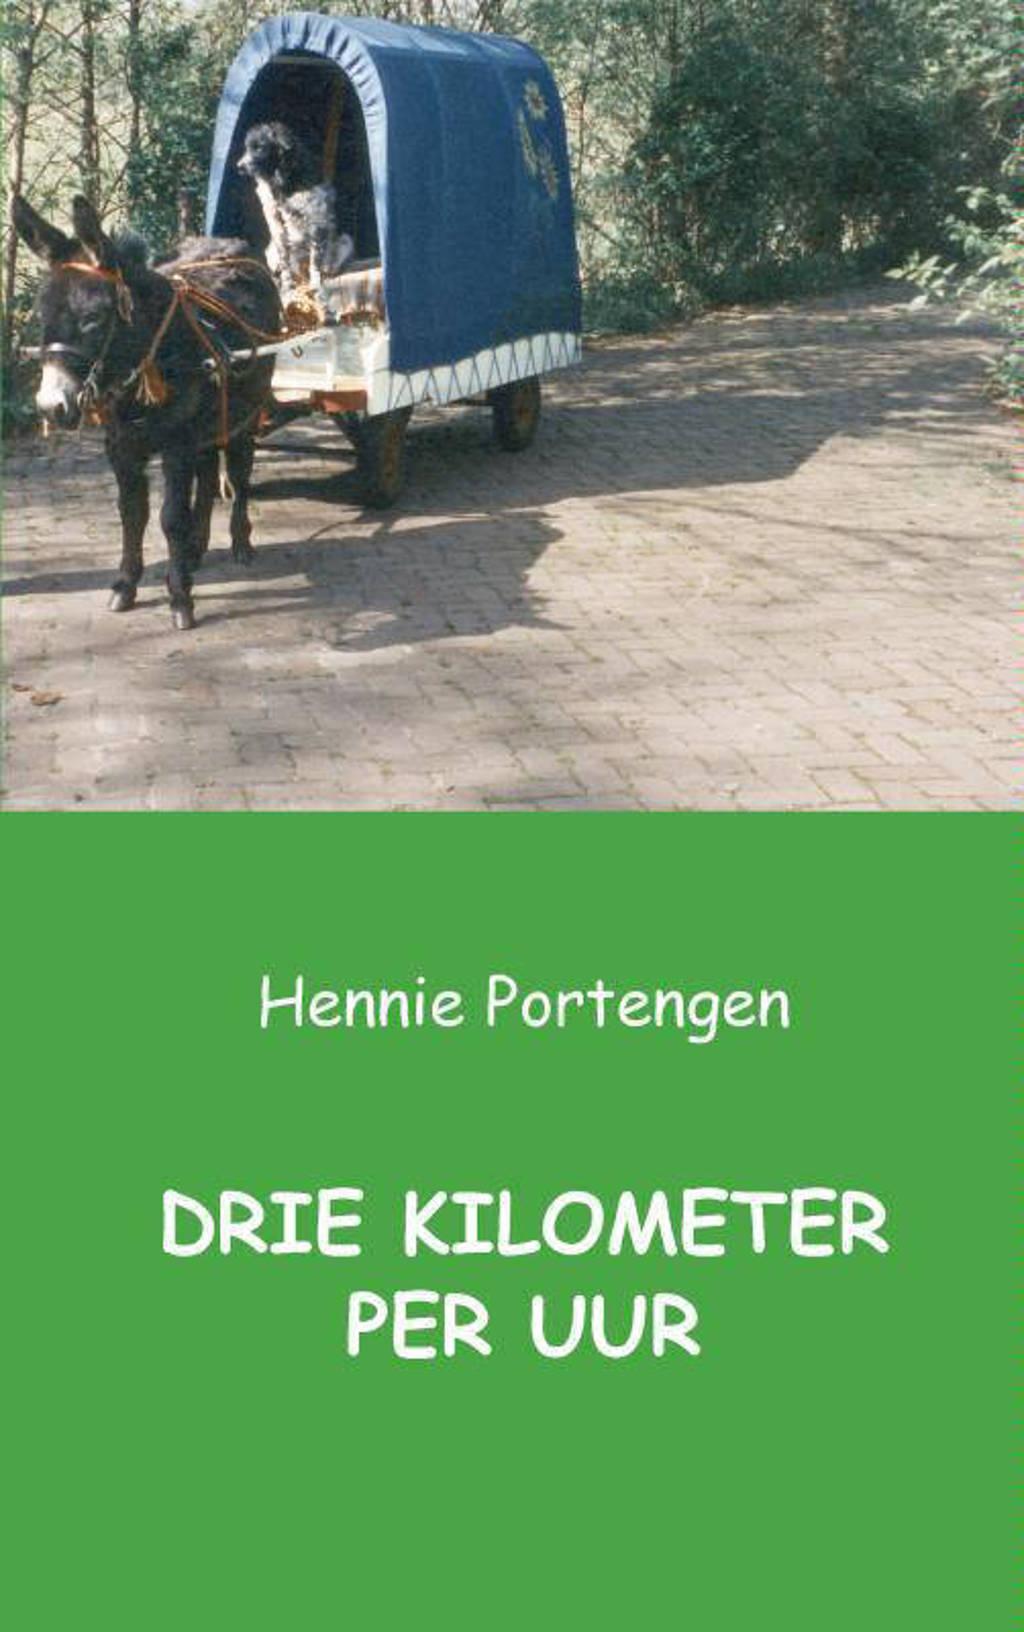 Drie kilometer per uur - Hennie Portengen